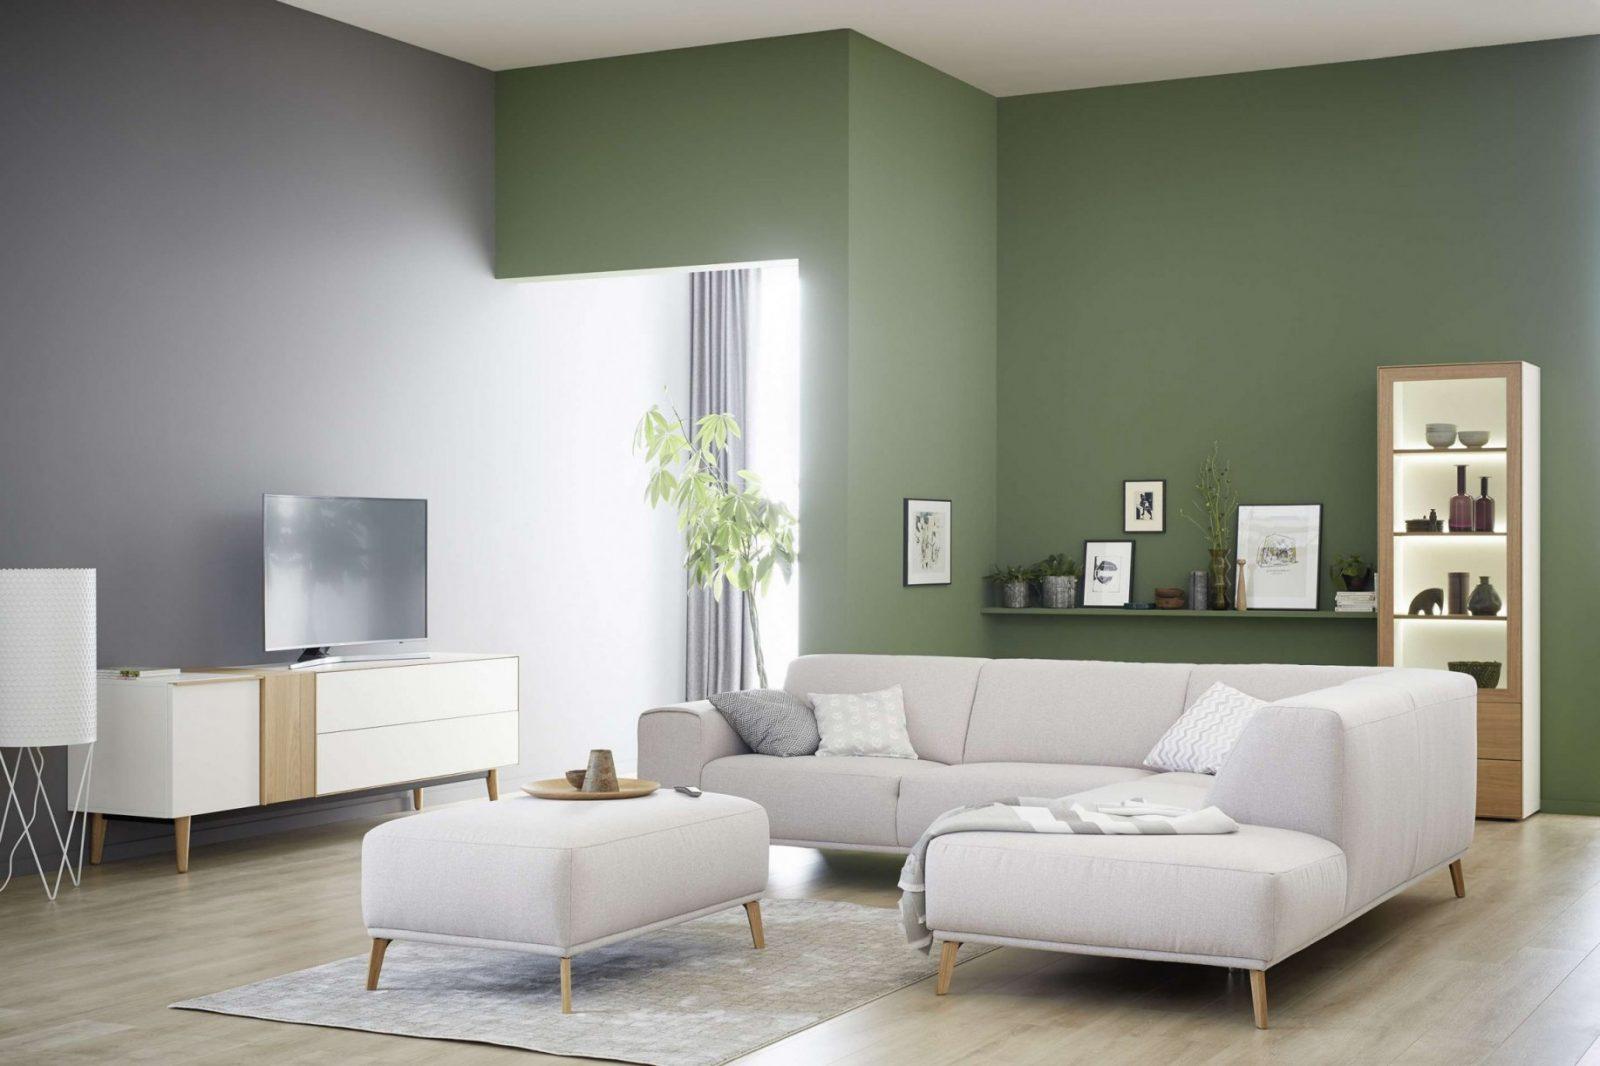 Tv Wand Farbe Inspirant Schöner Wohnen Farben Wohnzimmer Schön von Bilder Wohnzimmer Schöner Wohnen Photo